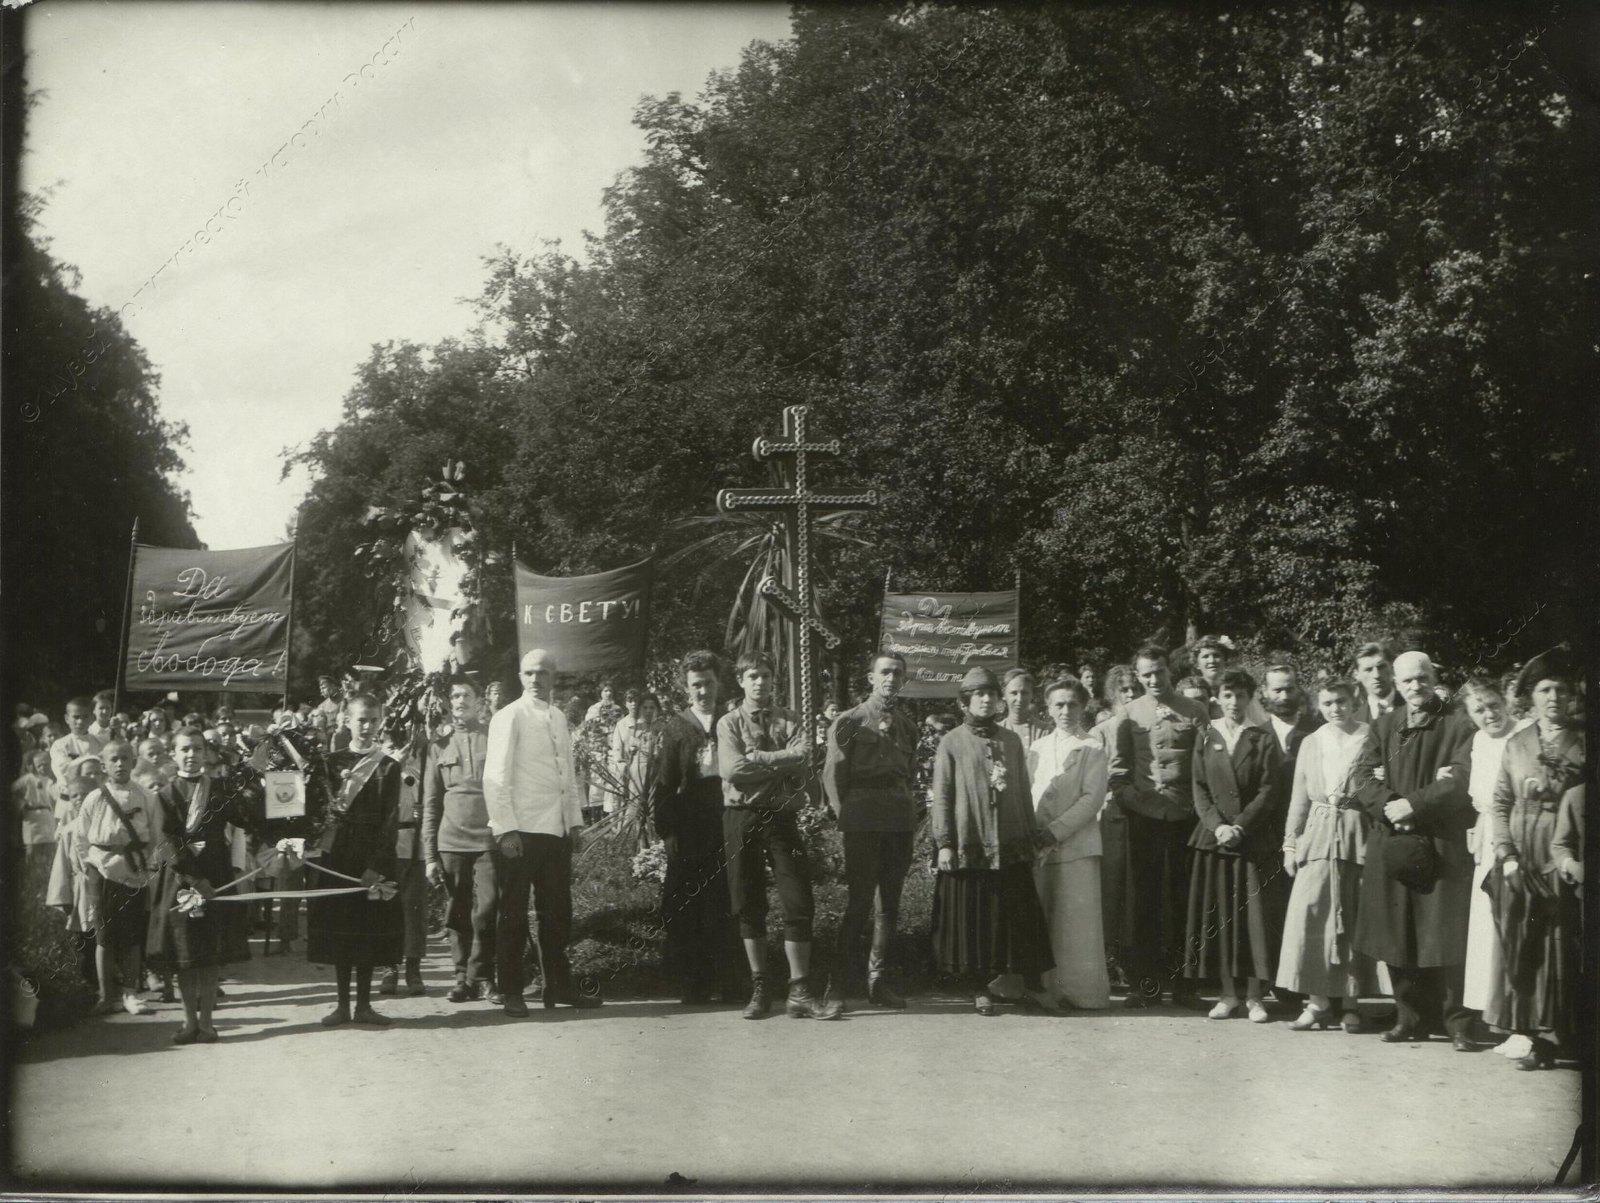 1918. Воспитанники, воспитатели и гости Детской колонии. Царское село